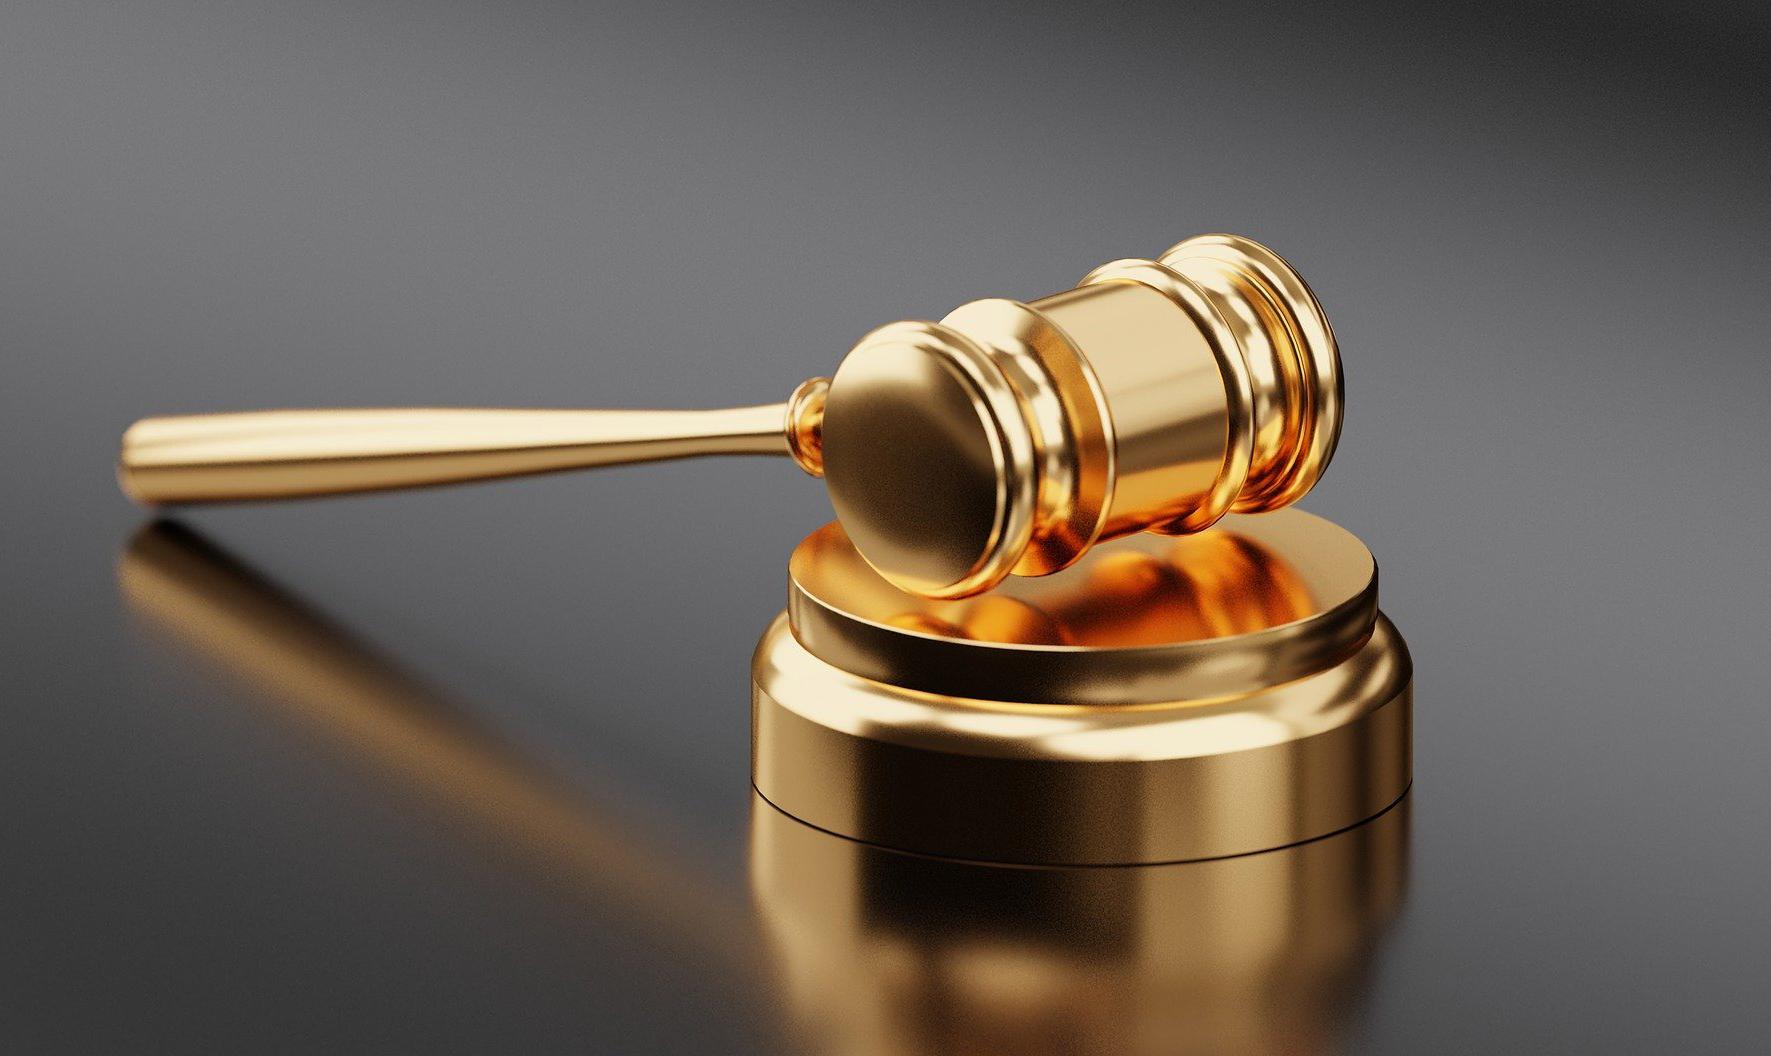 Hồi tố là gì? Quy định về hiệu lực hồi tố trong pháp luật hình sự